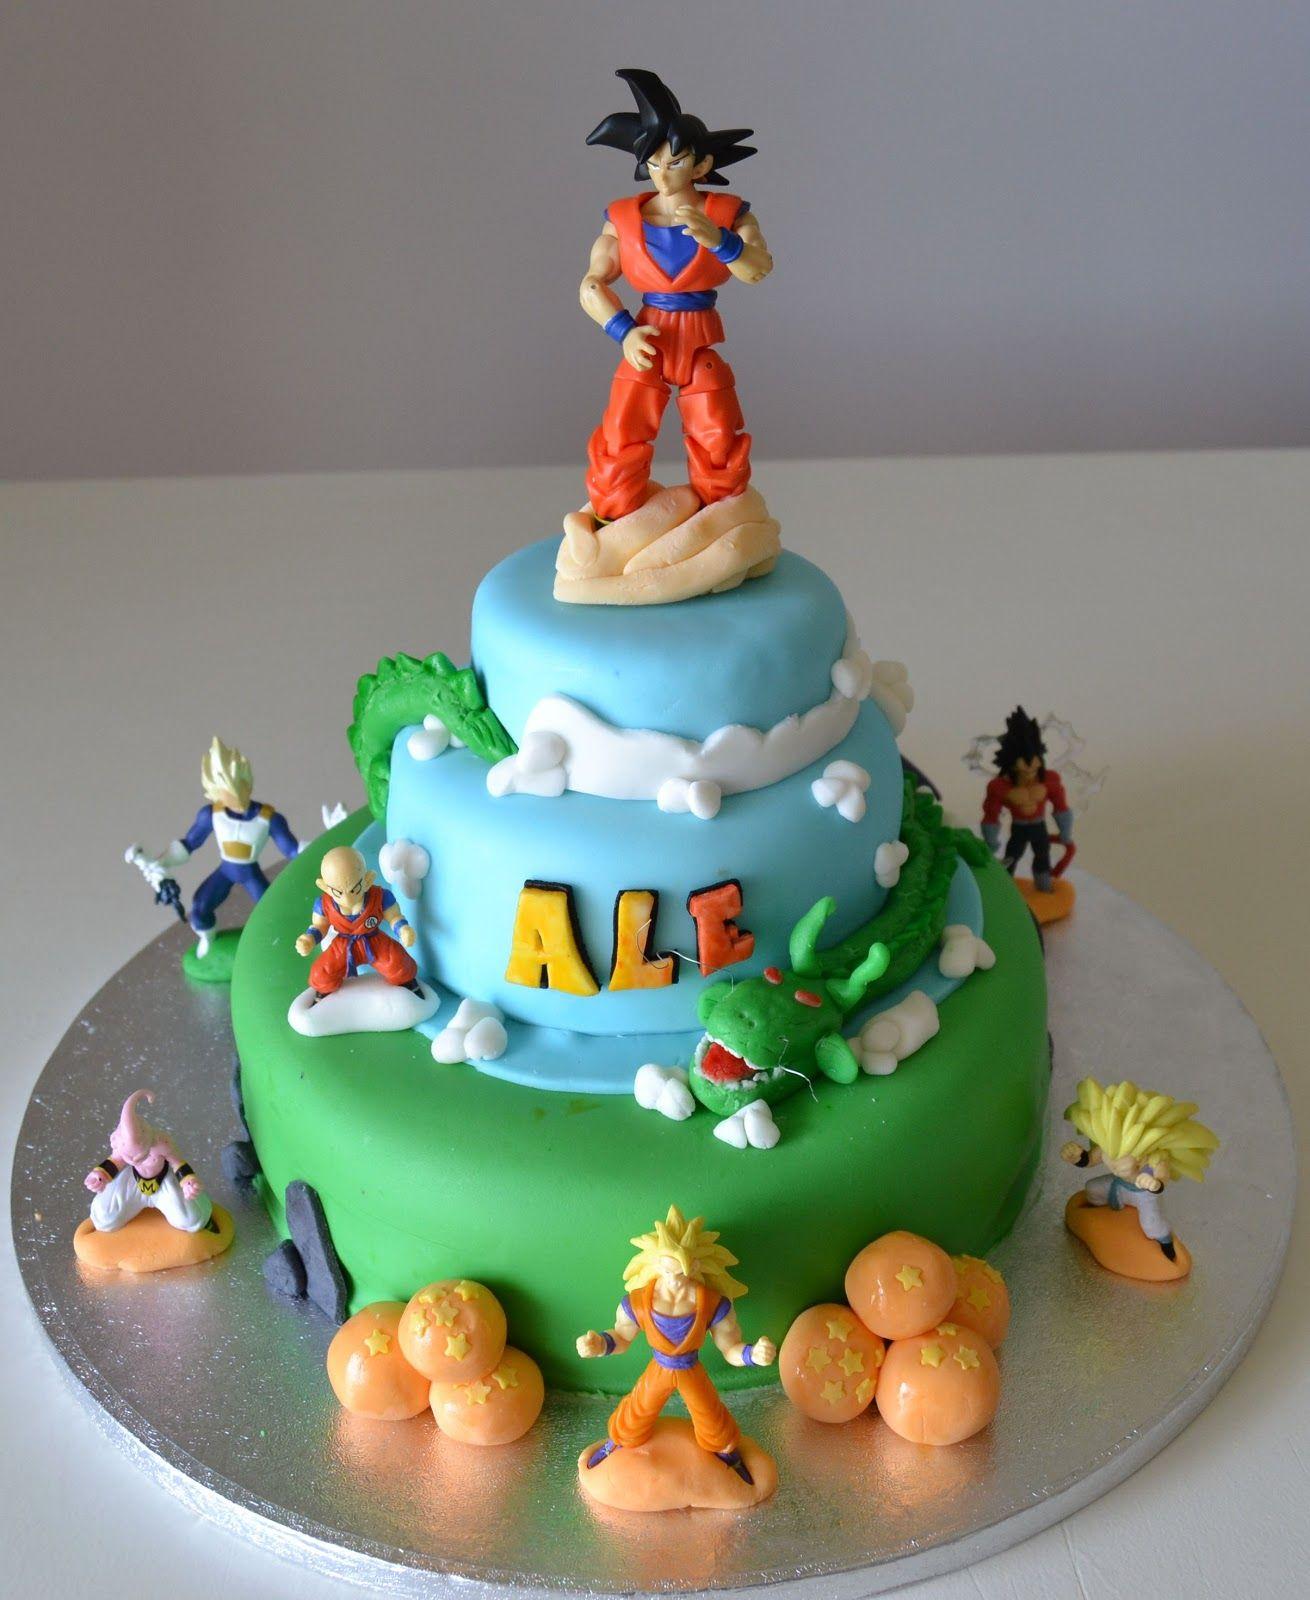 Buccias Cakes Torta Dragon Ball Ii Cakepins Com With Images